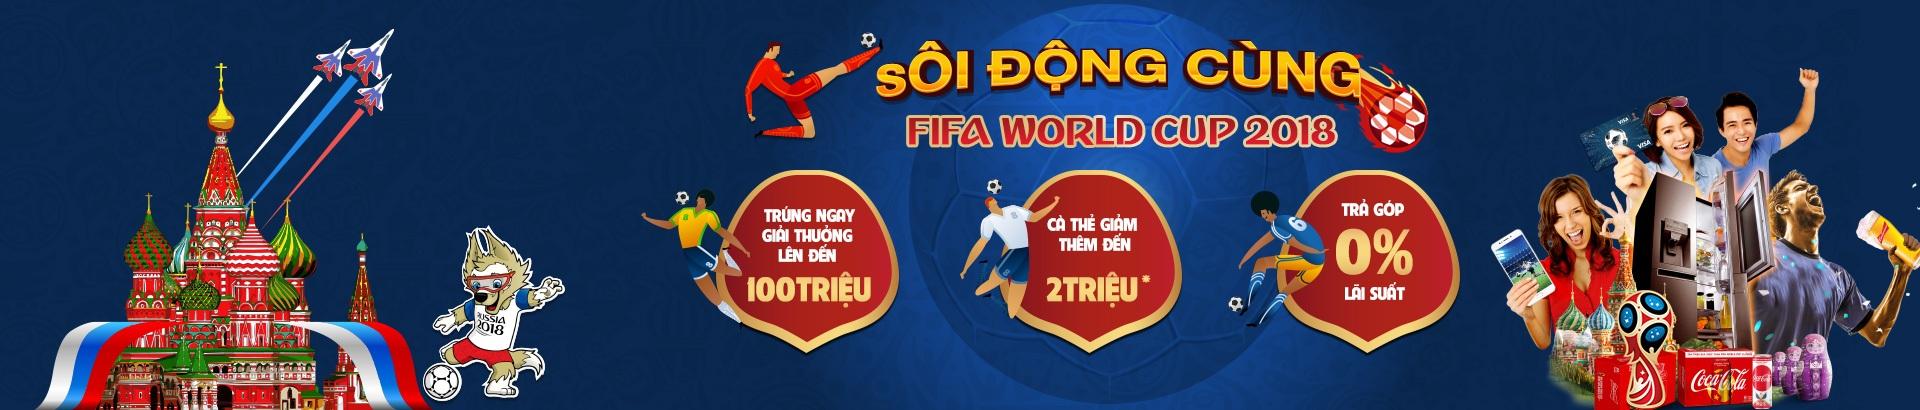 Mua Tivi - Sôi động cùng Fifa worldcup 2018